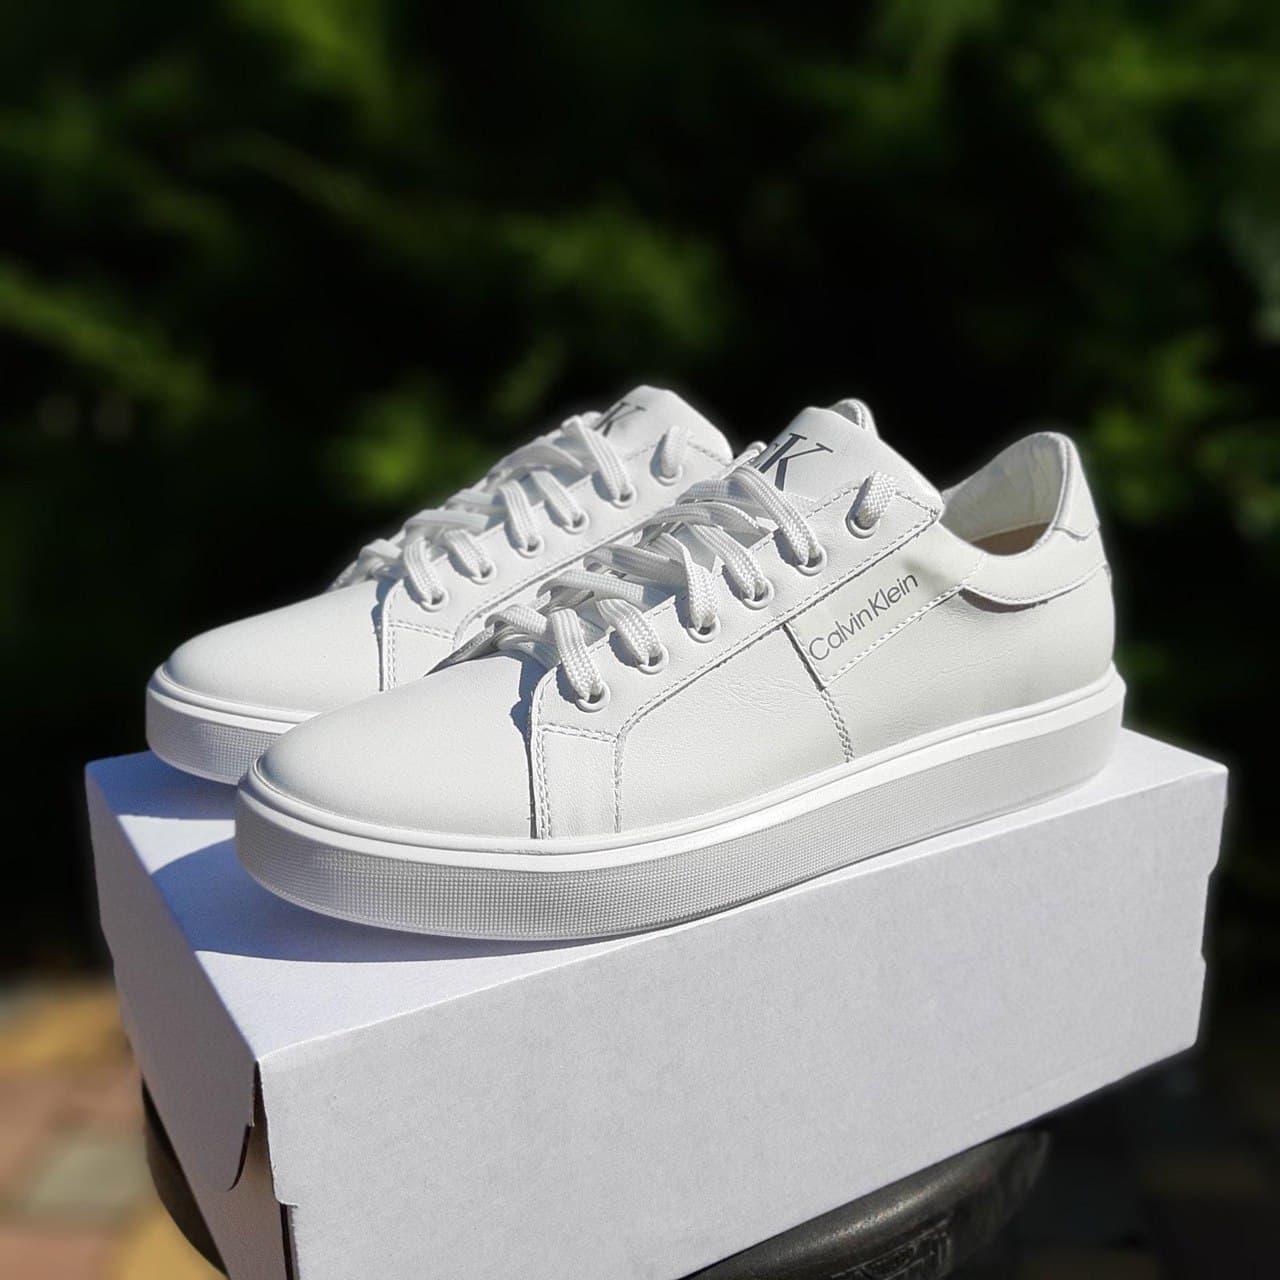 Женские кроссовки Calvin Klein (белые) О20215 спортивные кожаные кеды для девушек